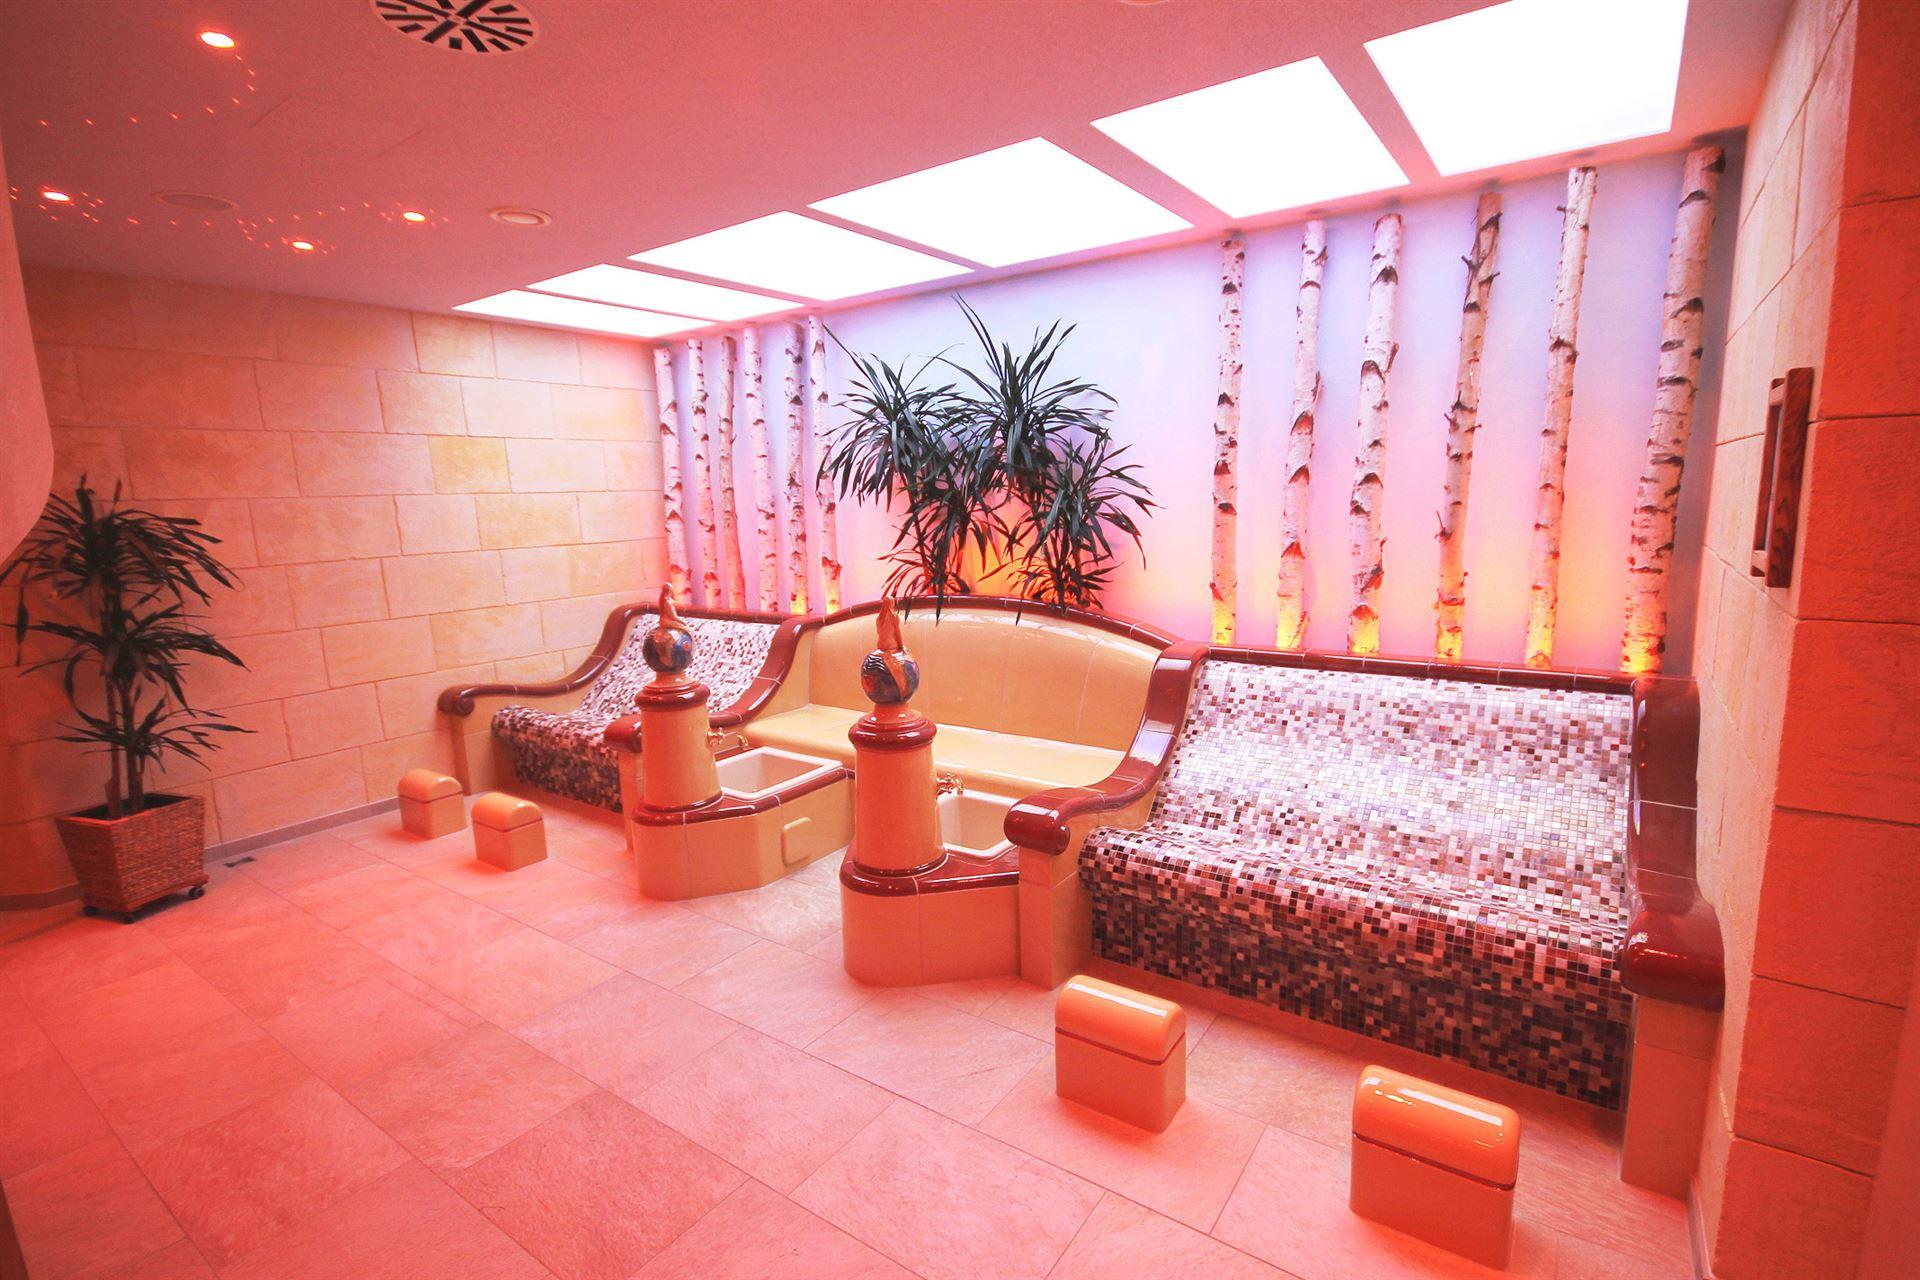 die neue wellness oase in tiengen sauna ffnungszeiten. Black Bedroom Furniture Sets. Home Design Ideas